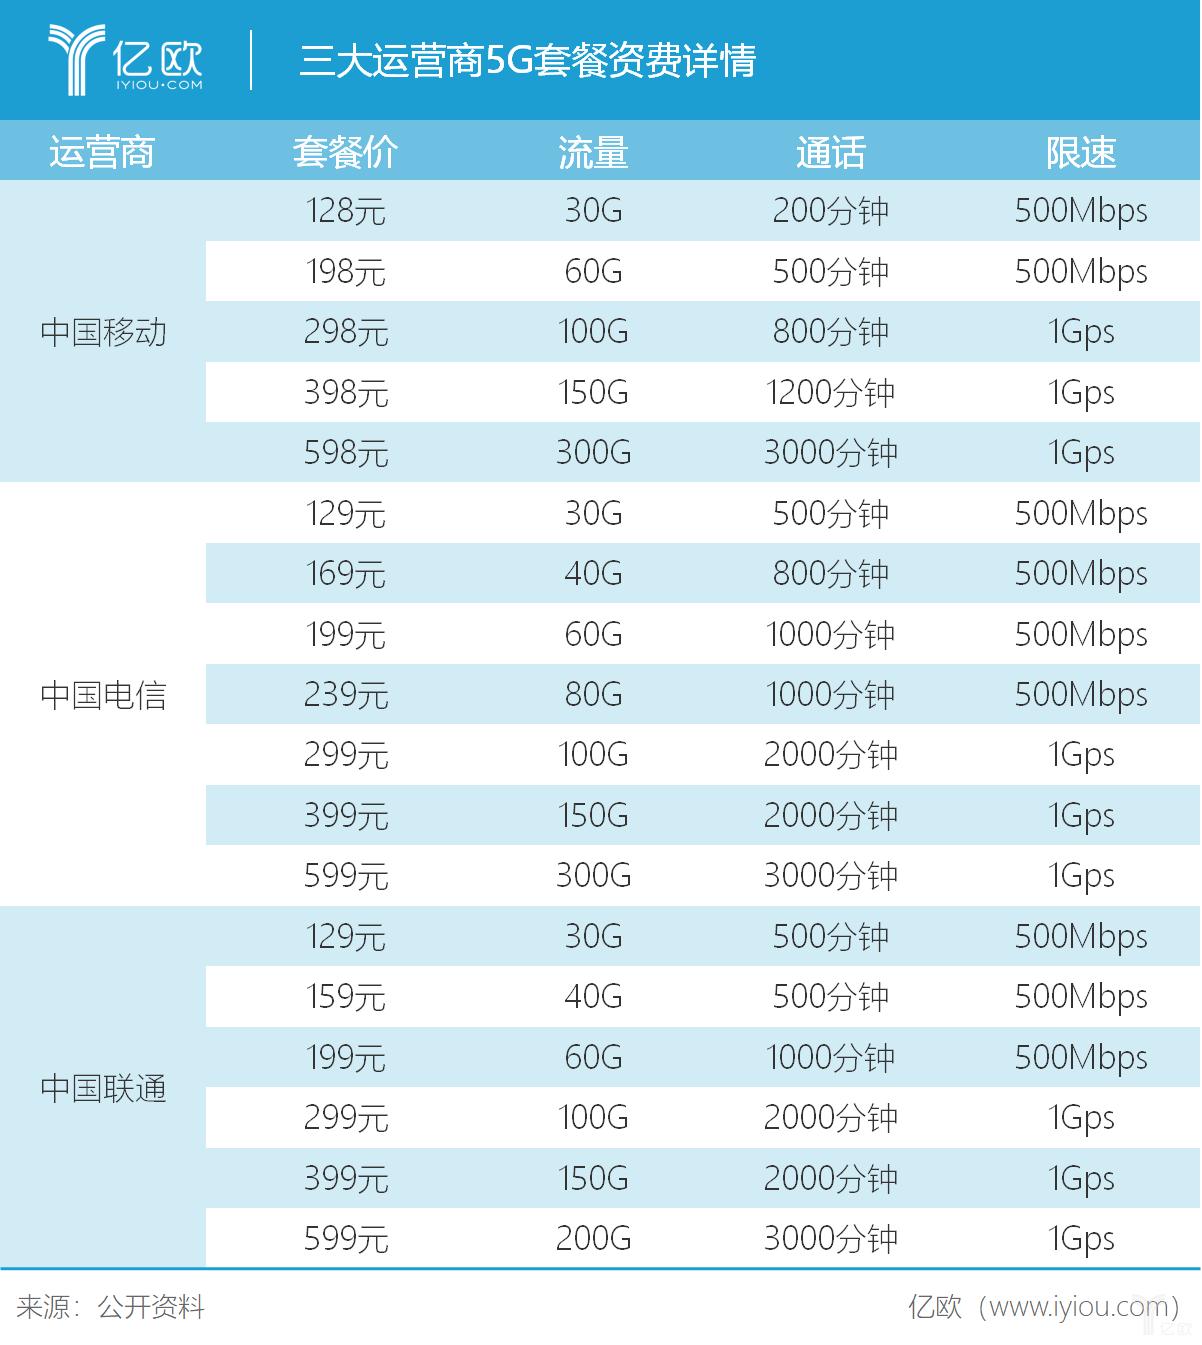 三大运营商5G套餐资费一览,消费低至128元的套餐须谨慎